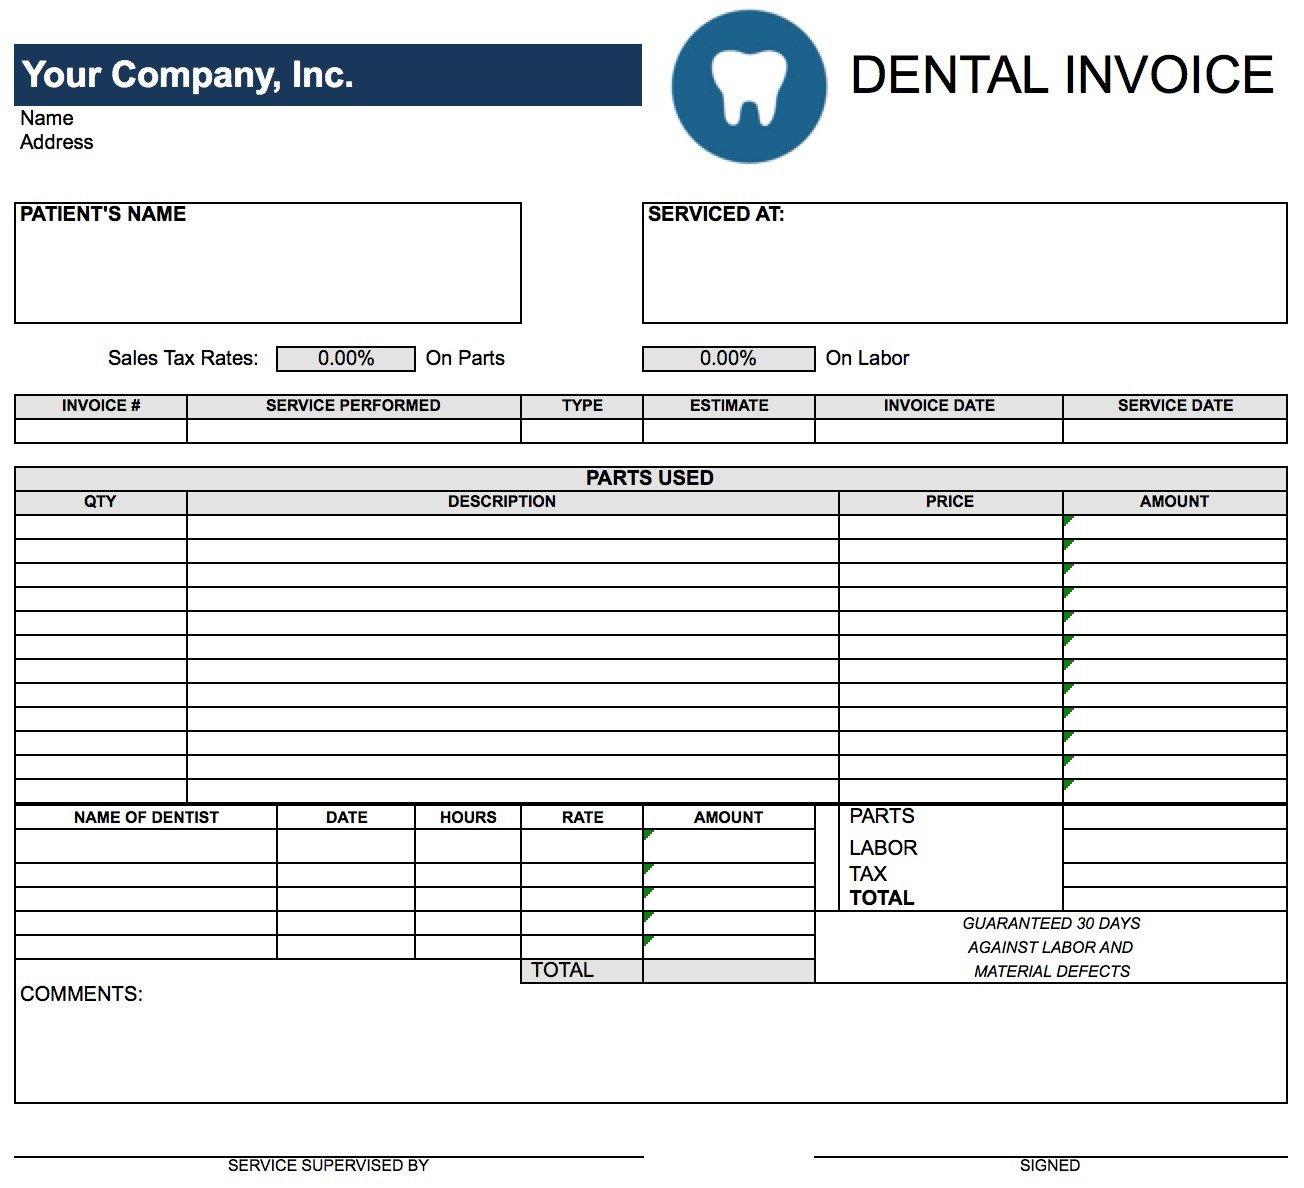 Dental Invoice Template Kostenlos Von Free Dental Invoice Template ... Regarding Dental Invoice